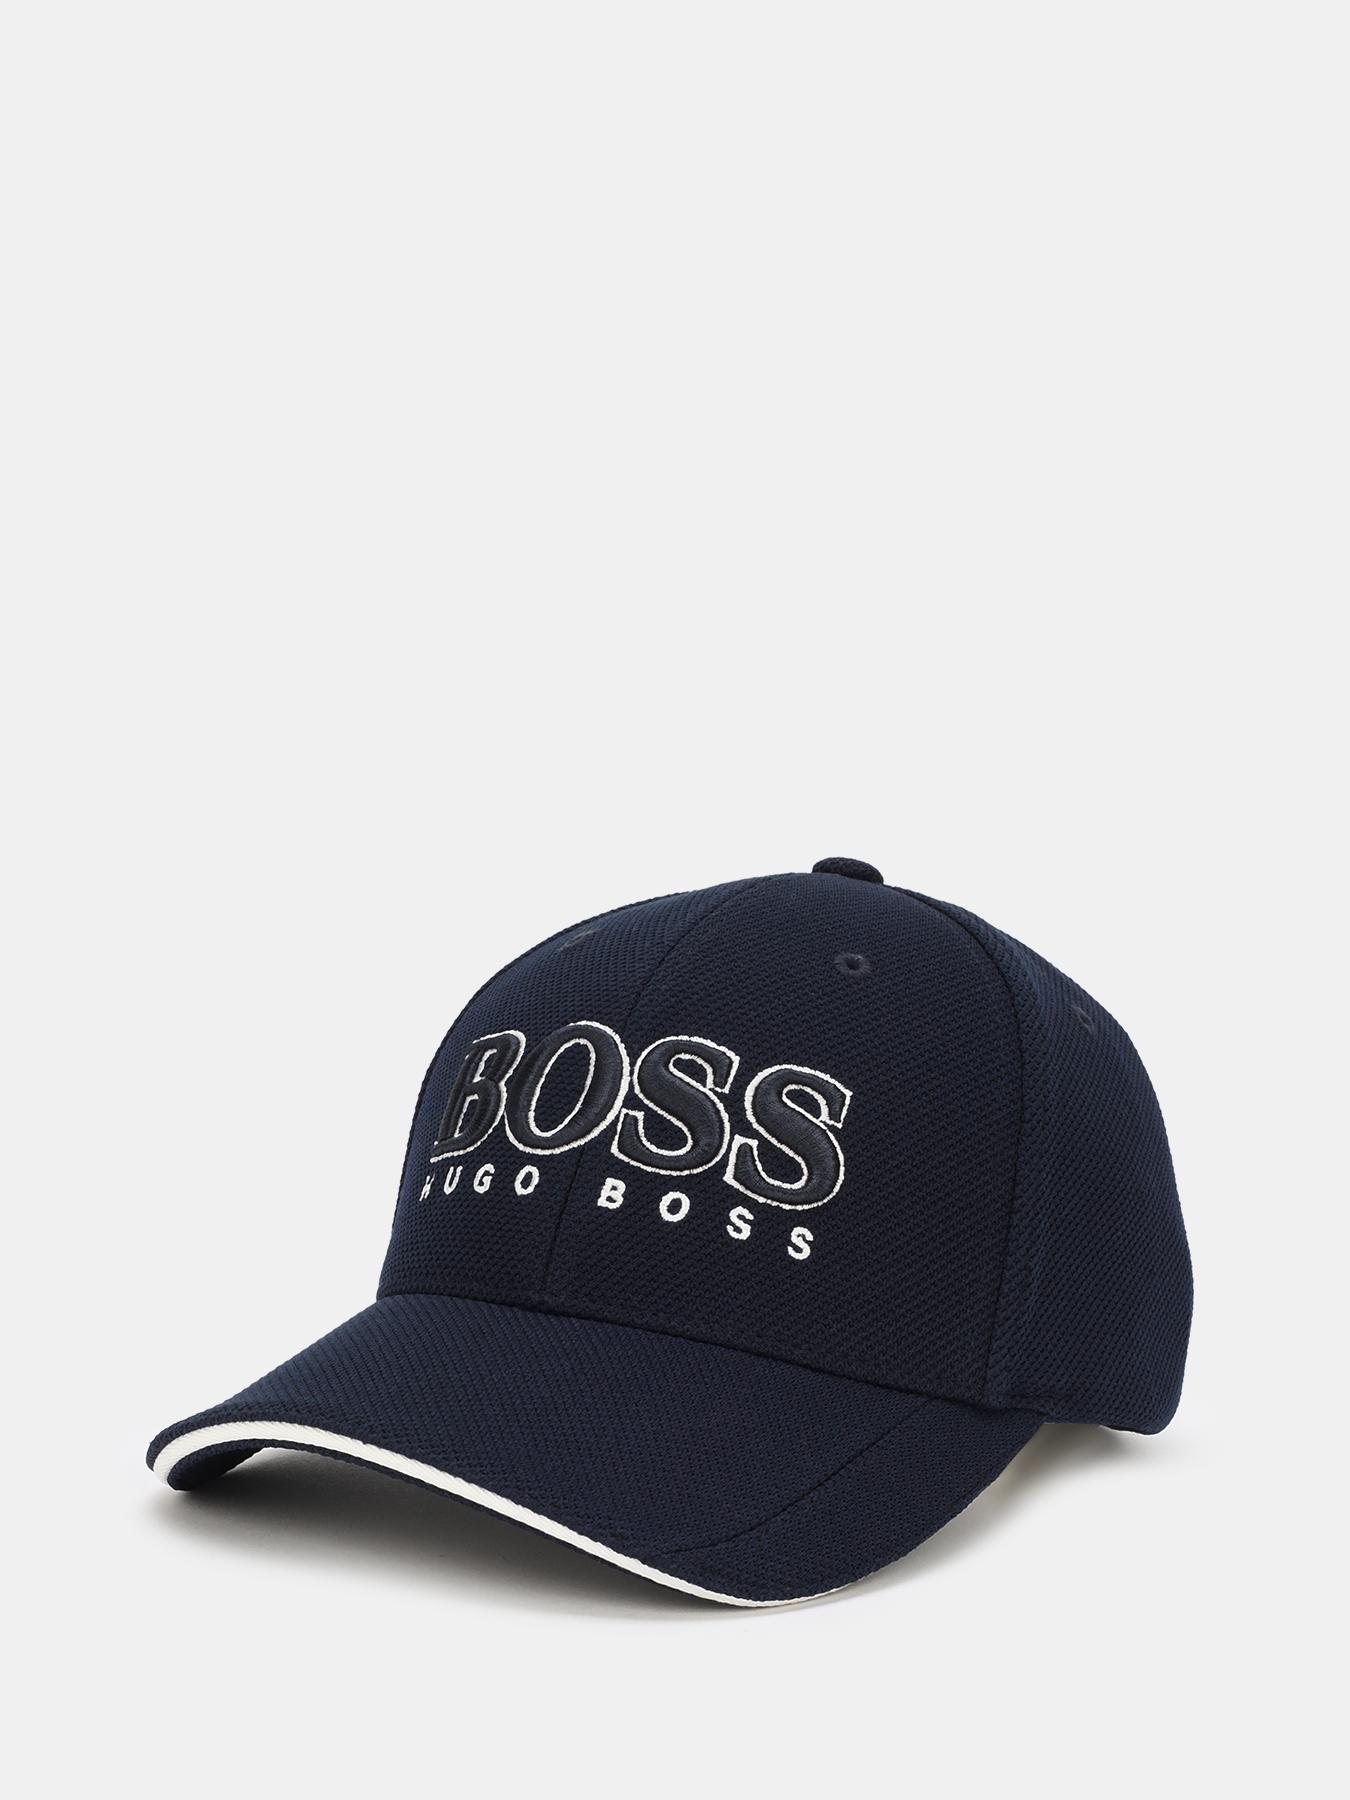 Бейсболки BOSS Бейсболка